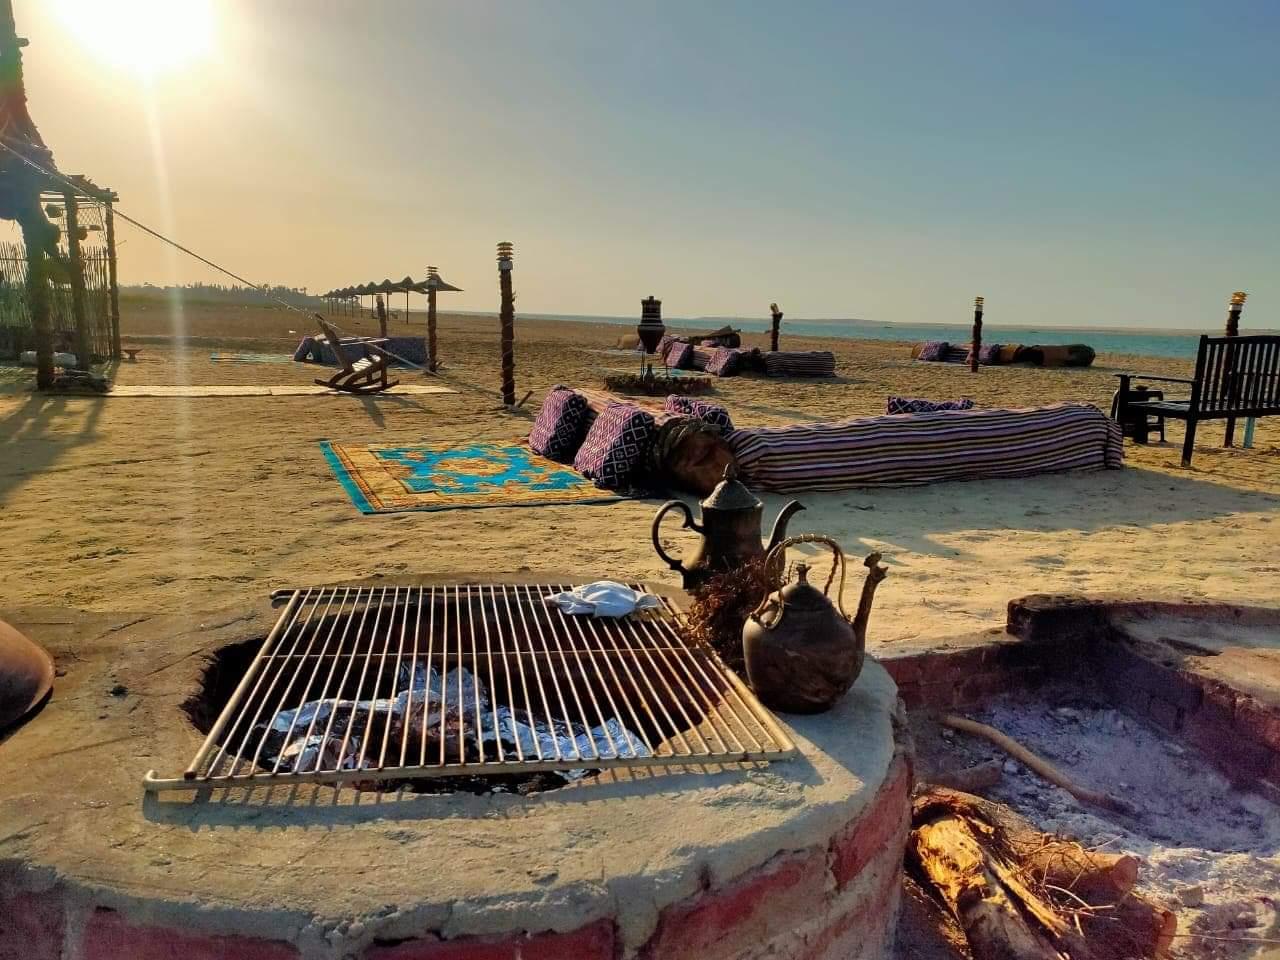 وزيرة البيئة تطمئن المواطنين : شواطئ السواحل المصرية الشمالية أمنه من حوادث هجوم أسماك القرش ...  وترفع حالة الاستعداد للرصد والمراقبة